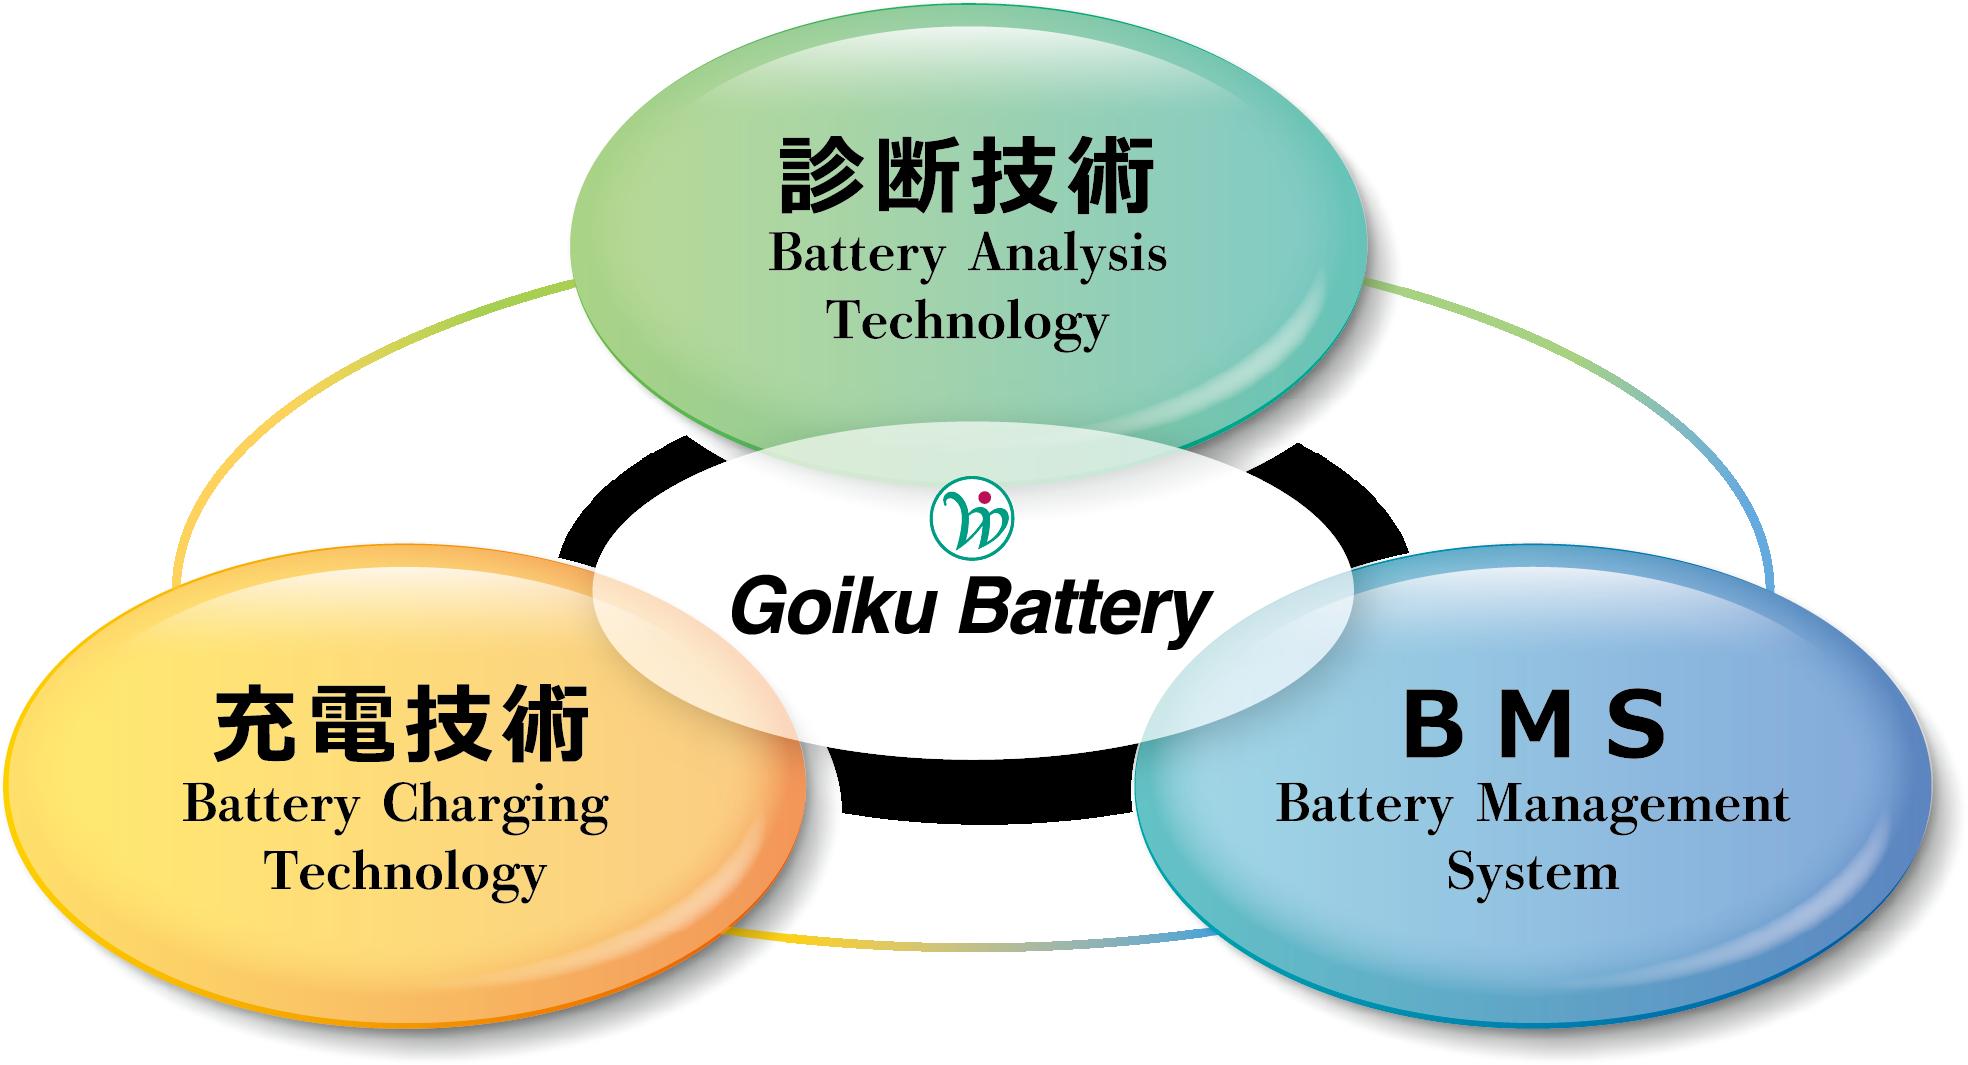 ゴイク電池の診断技術・充電技術・BMS